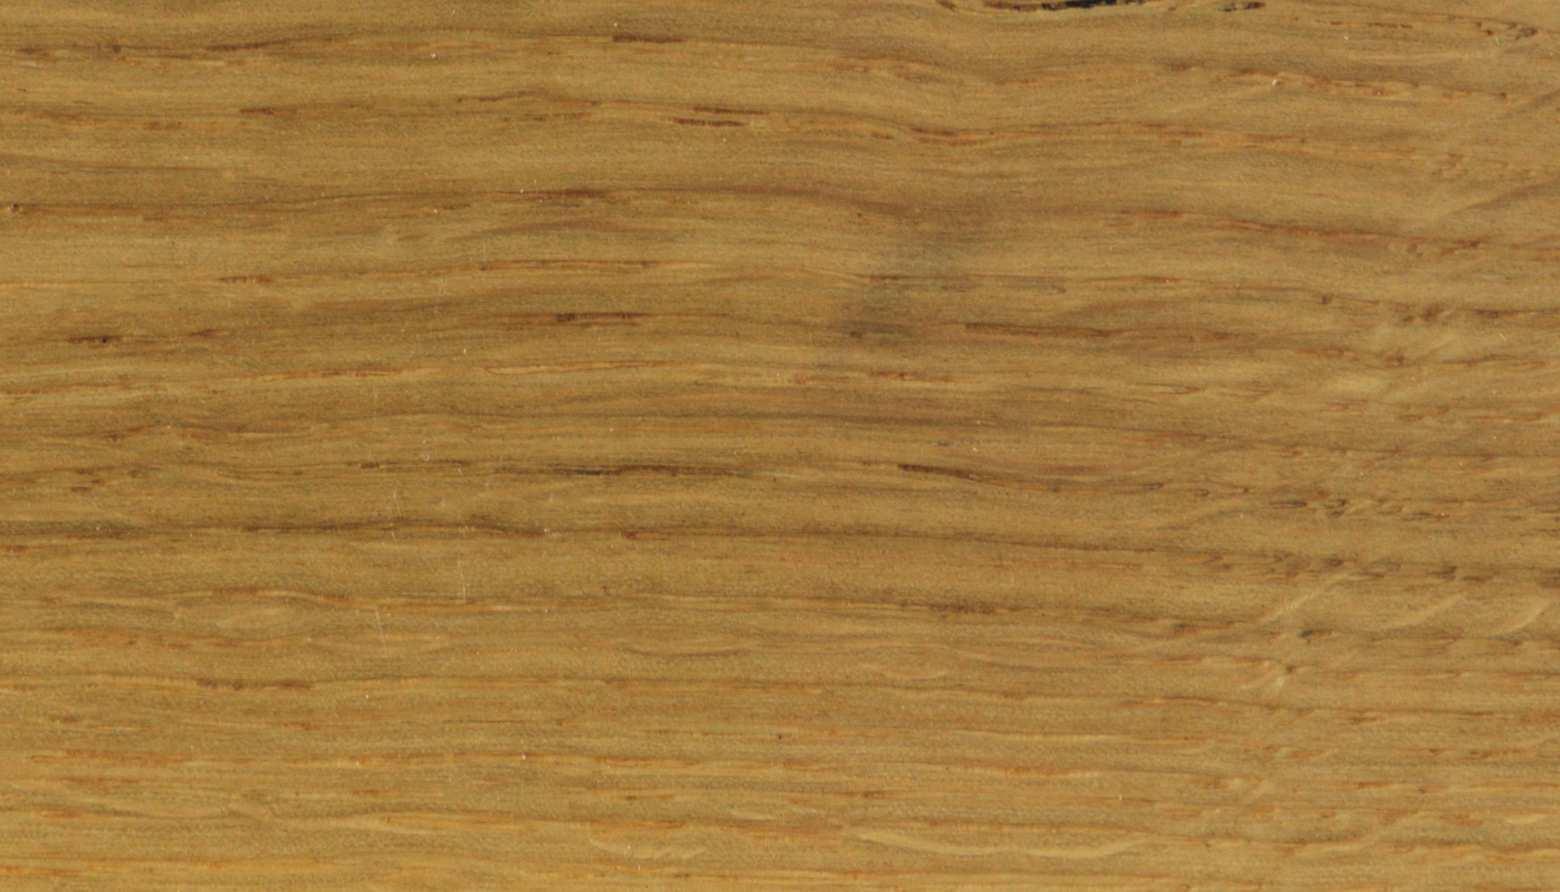 culoarea lemnului - stejar, pentru picioare si polite laptop